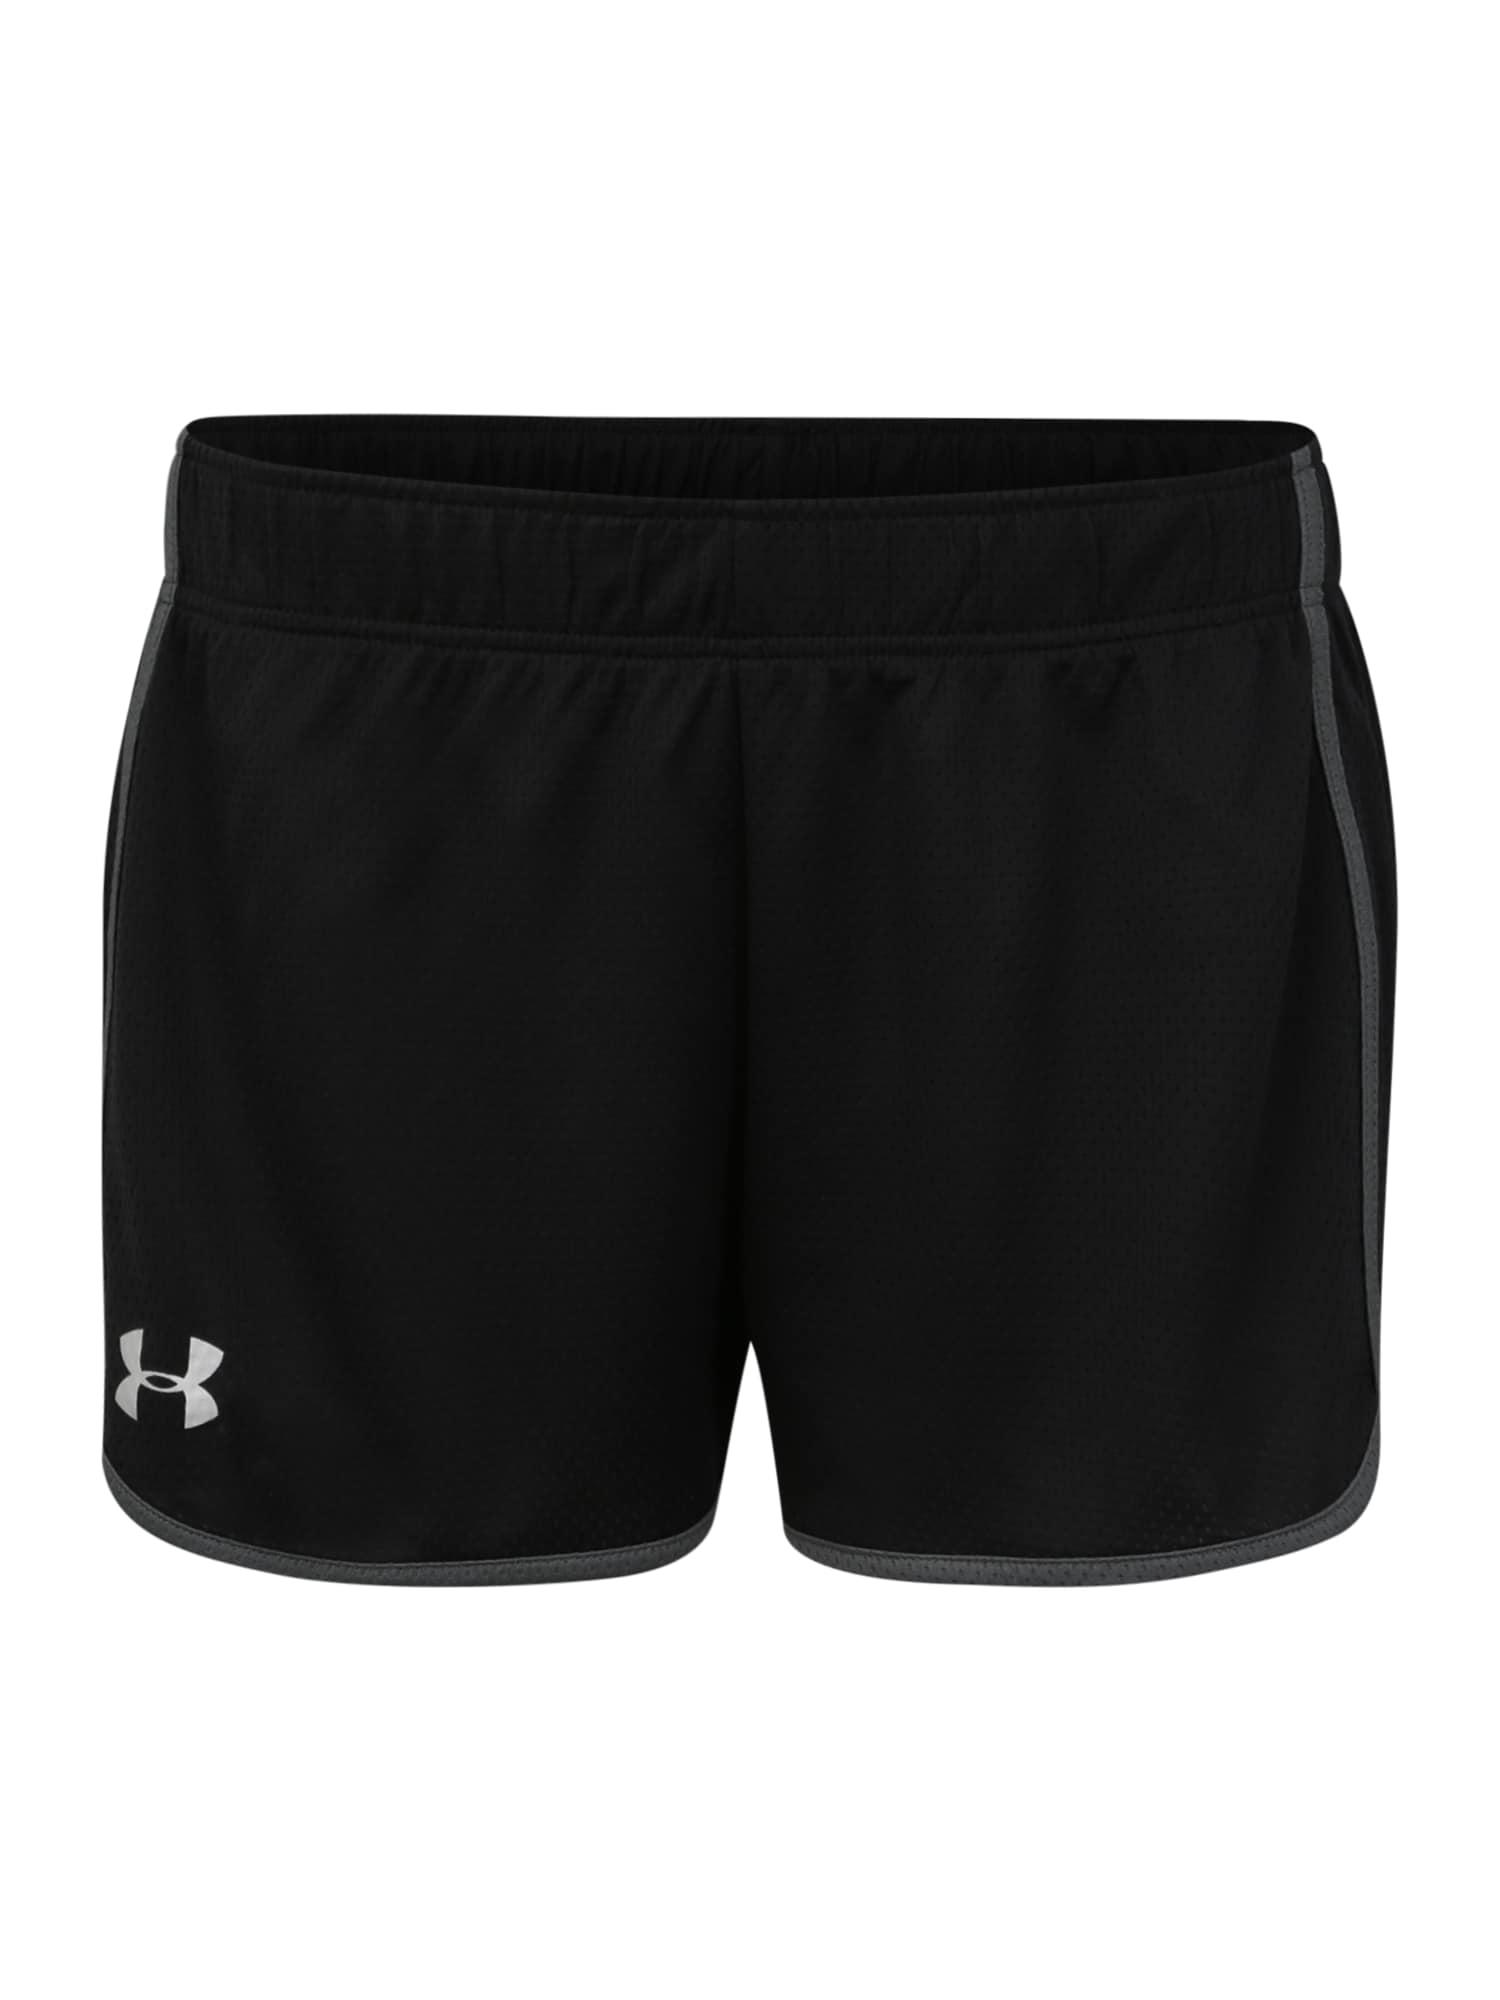 UNDER ARMOUR Sportinės kelnės 'Tech Mesh Short 3' juoda